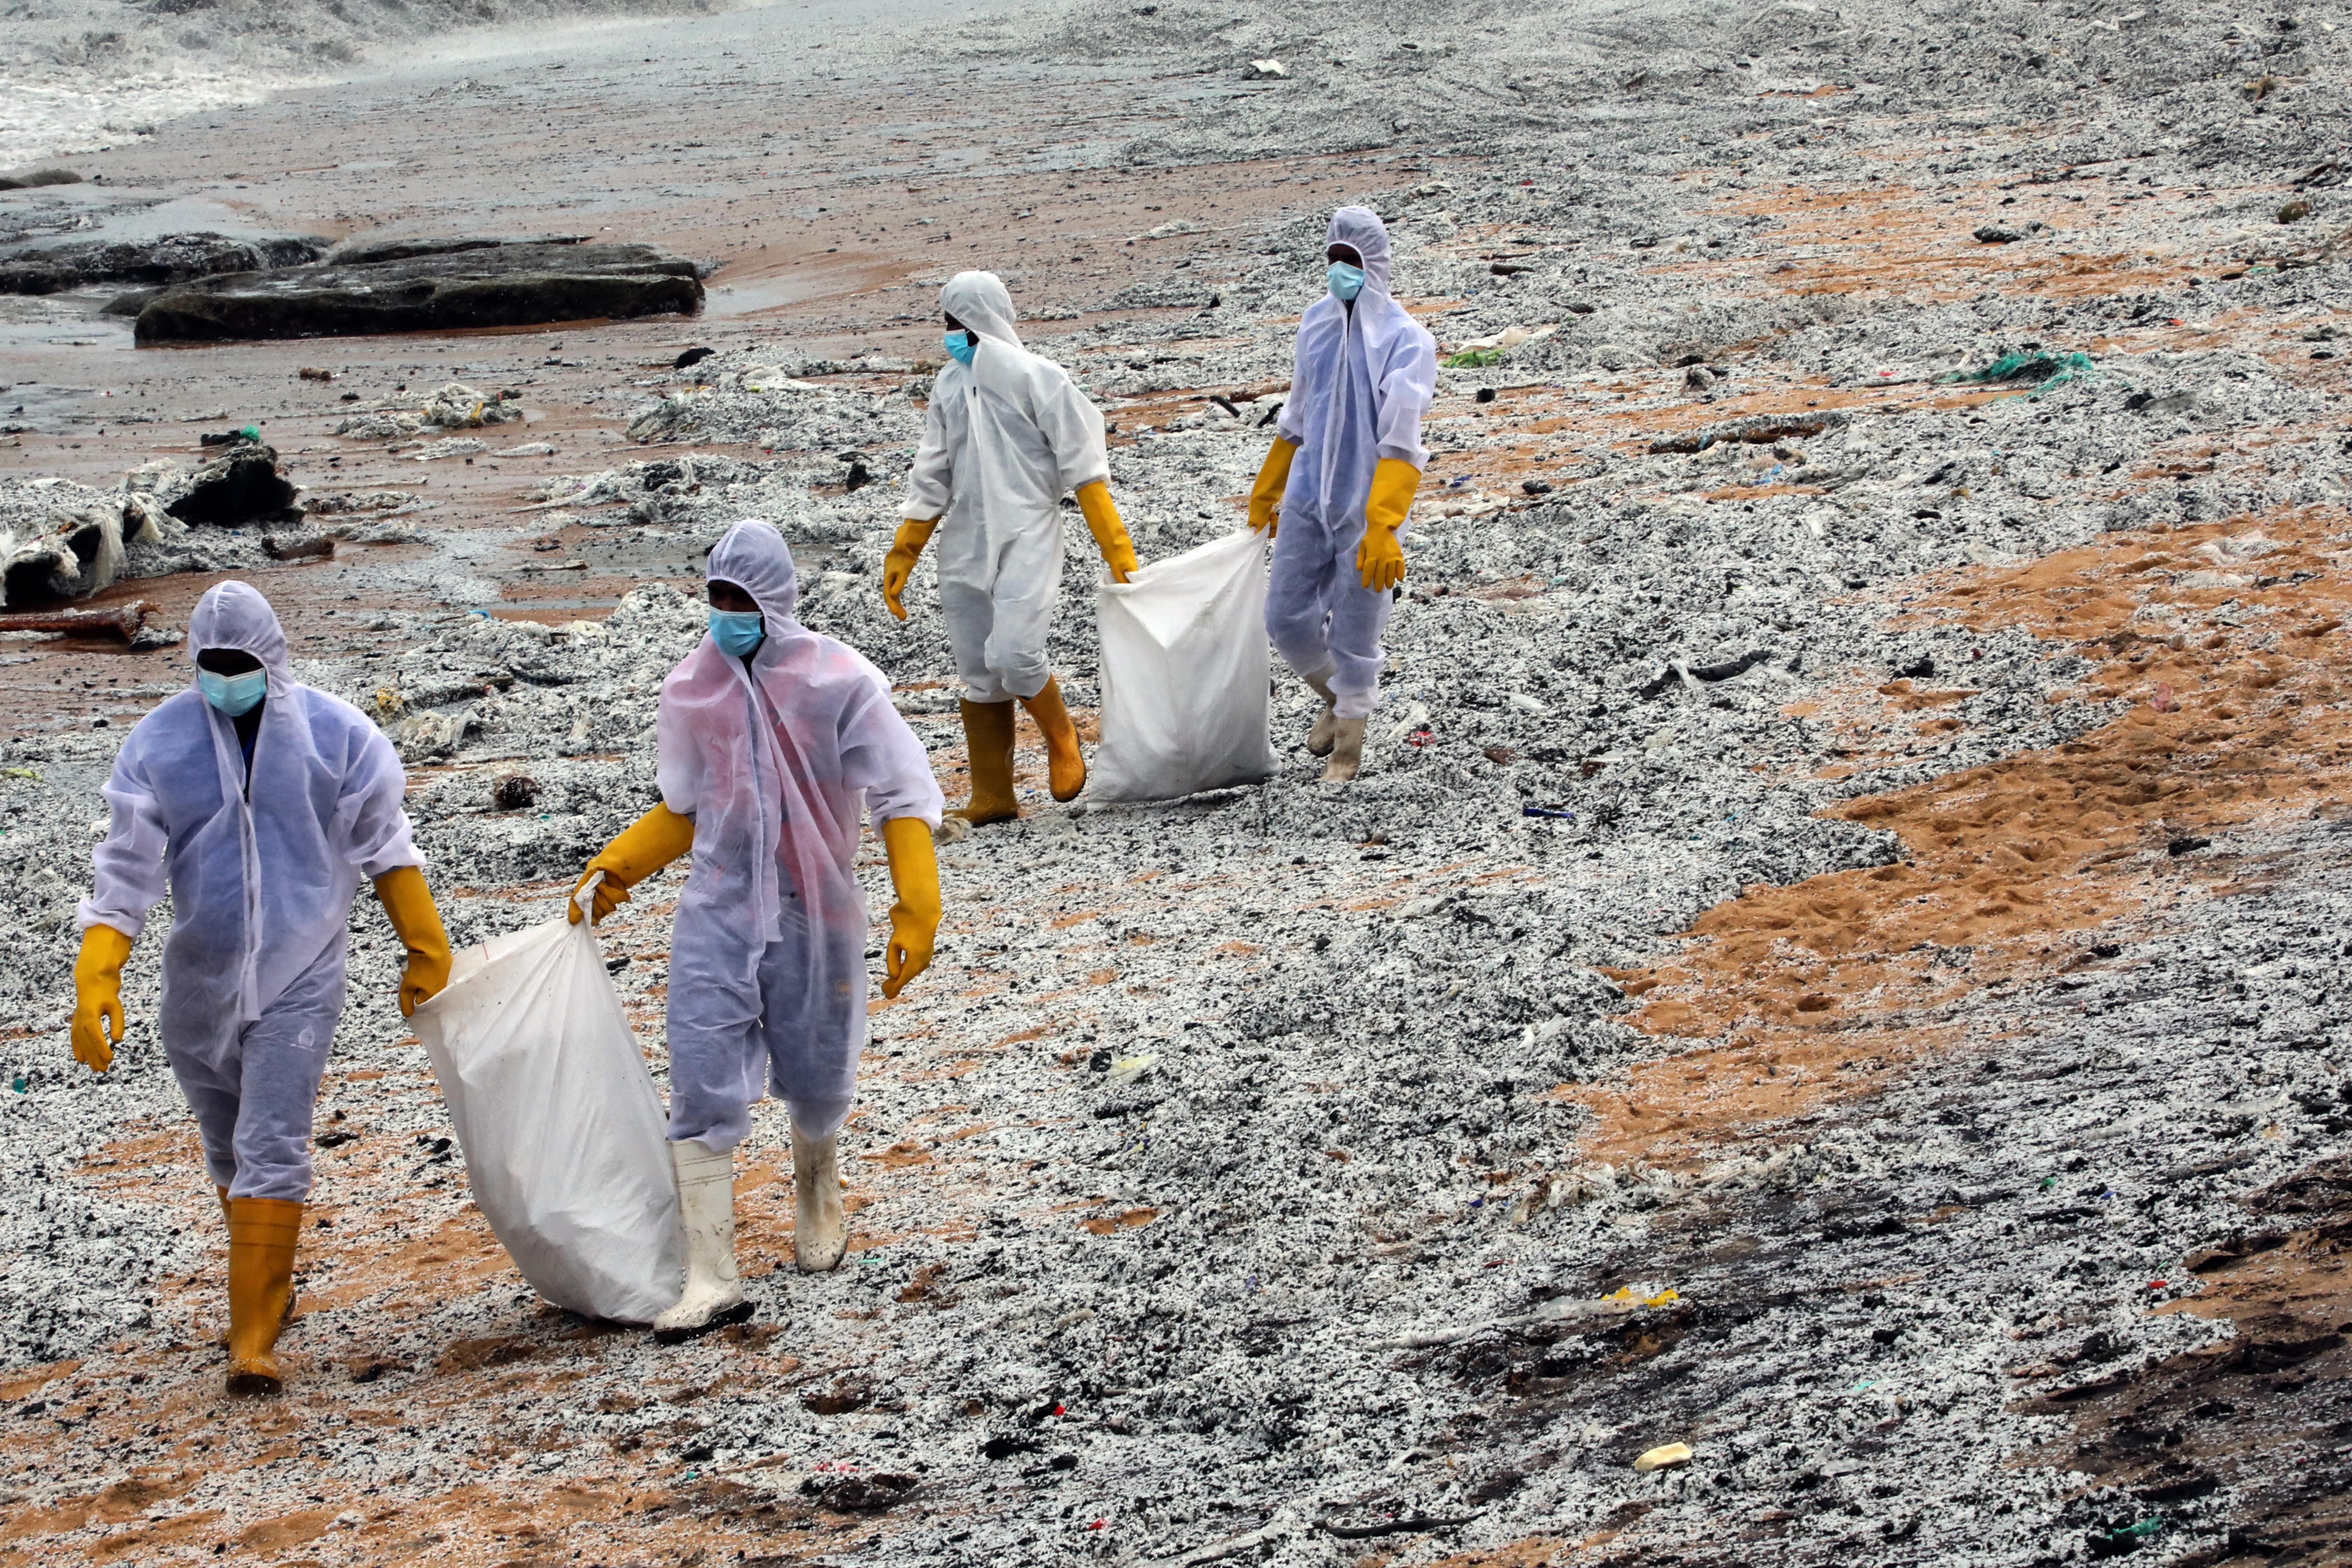 Súlyos környezeti katasztrófát okozhat a kigyulladt teherhajó Srí Lankán